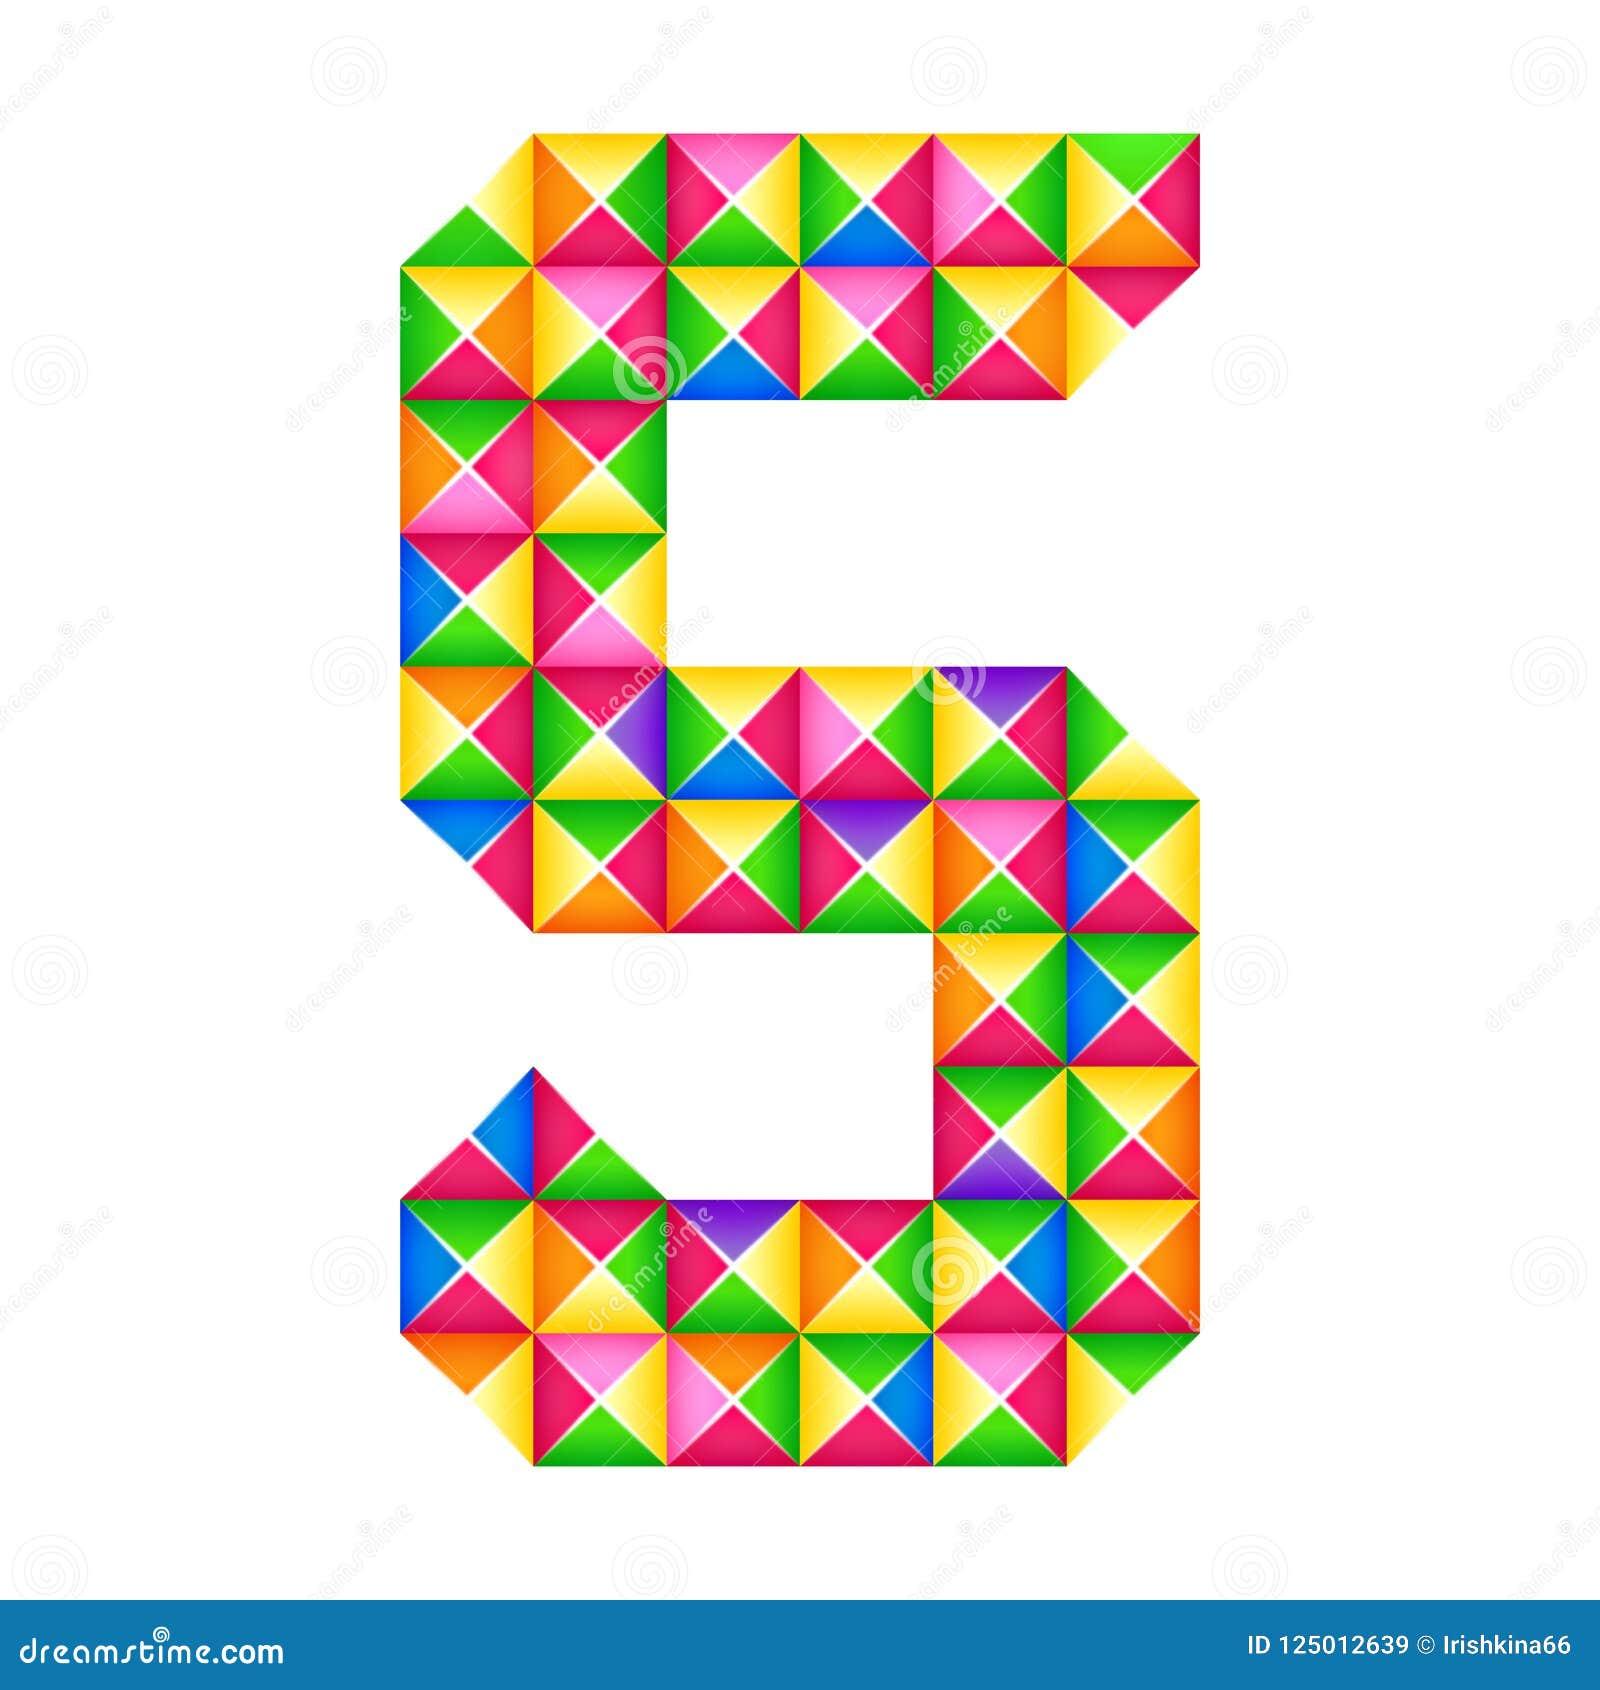 Origami αριθμός 5 πέμπτη ρεαλιστική τρισδιάστατη επίδραση origami που απομονώνεται Αριθμός του αλφάβητου, ψηφίο